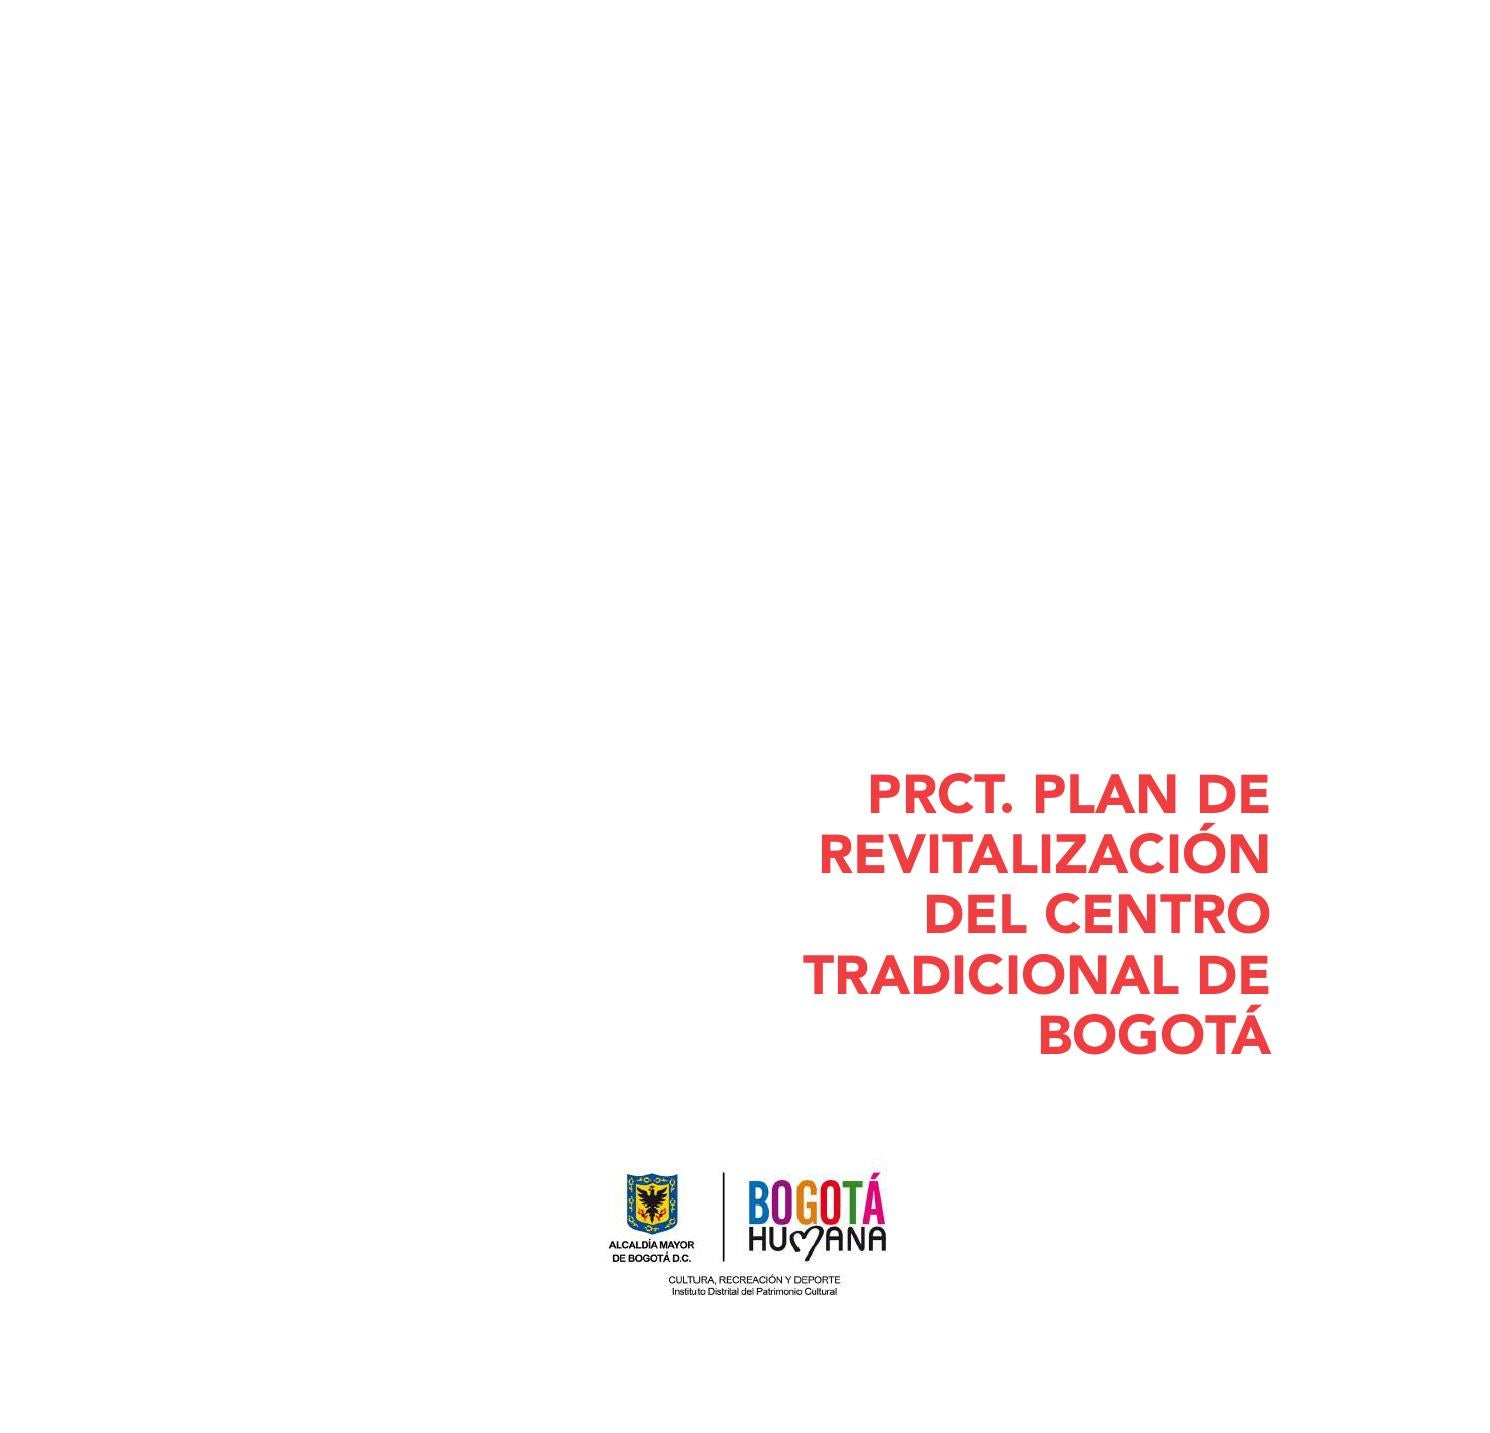 Plan de Revitalización del Centro Tradicional de Bogotá by Carmen Gª del  Salto Sánchez - issuu 060f1b46c62